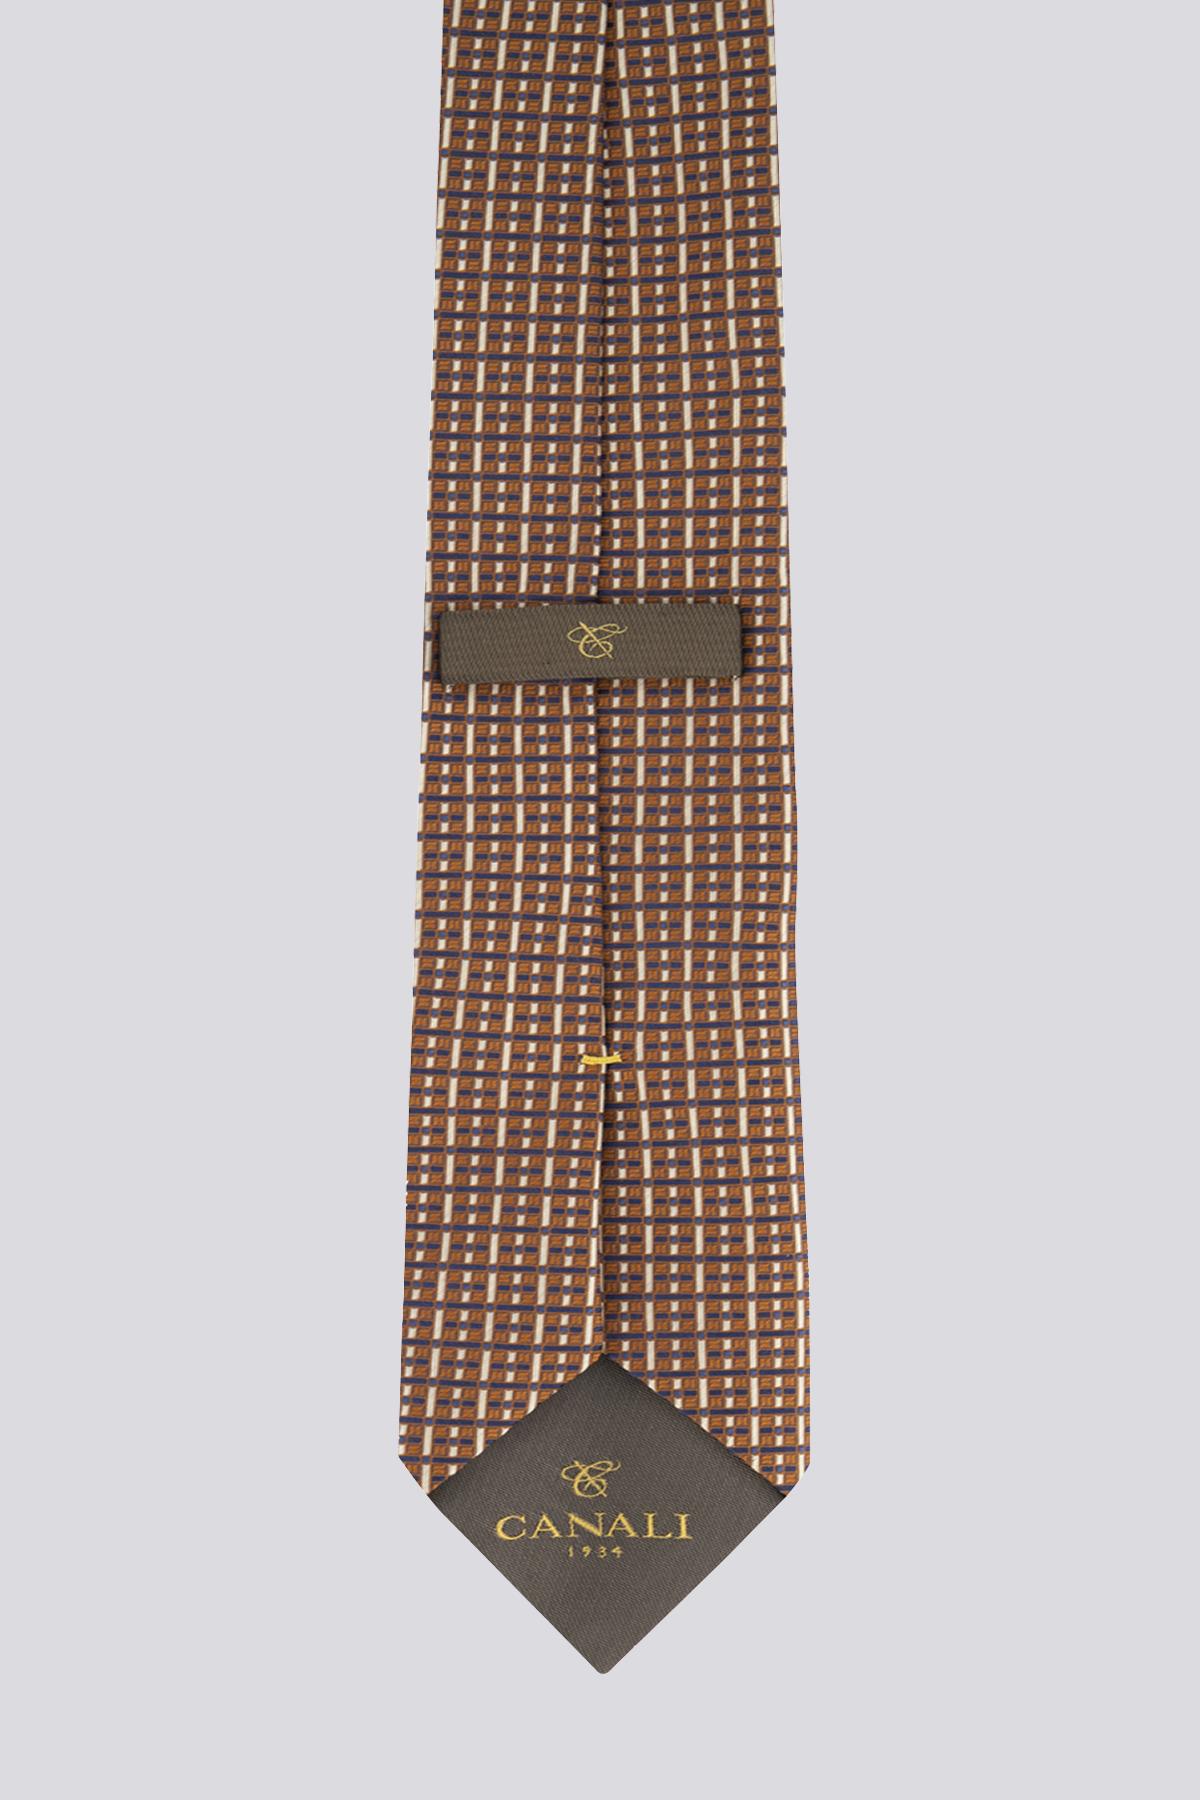 Corbata de seda marca CANALI color naranja con diseño a cuadros